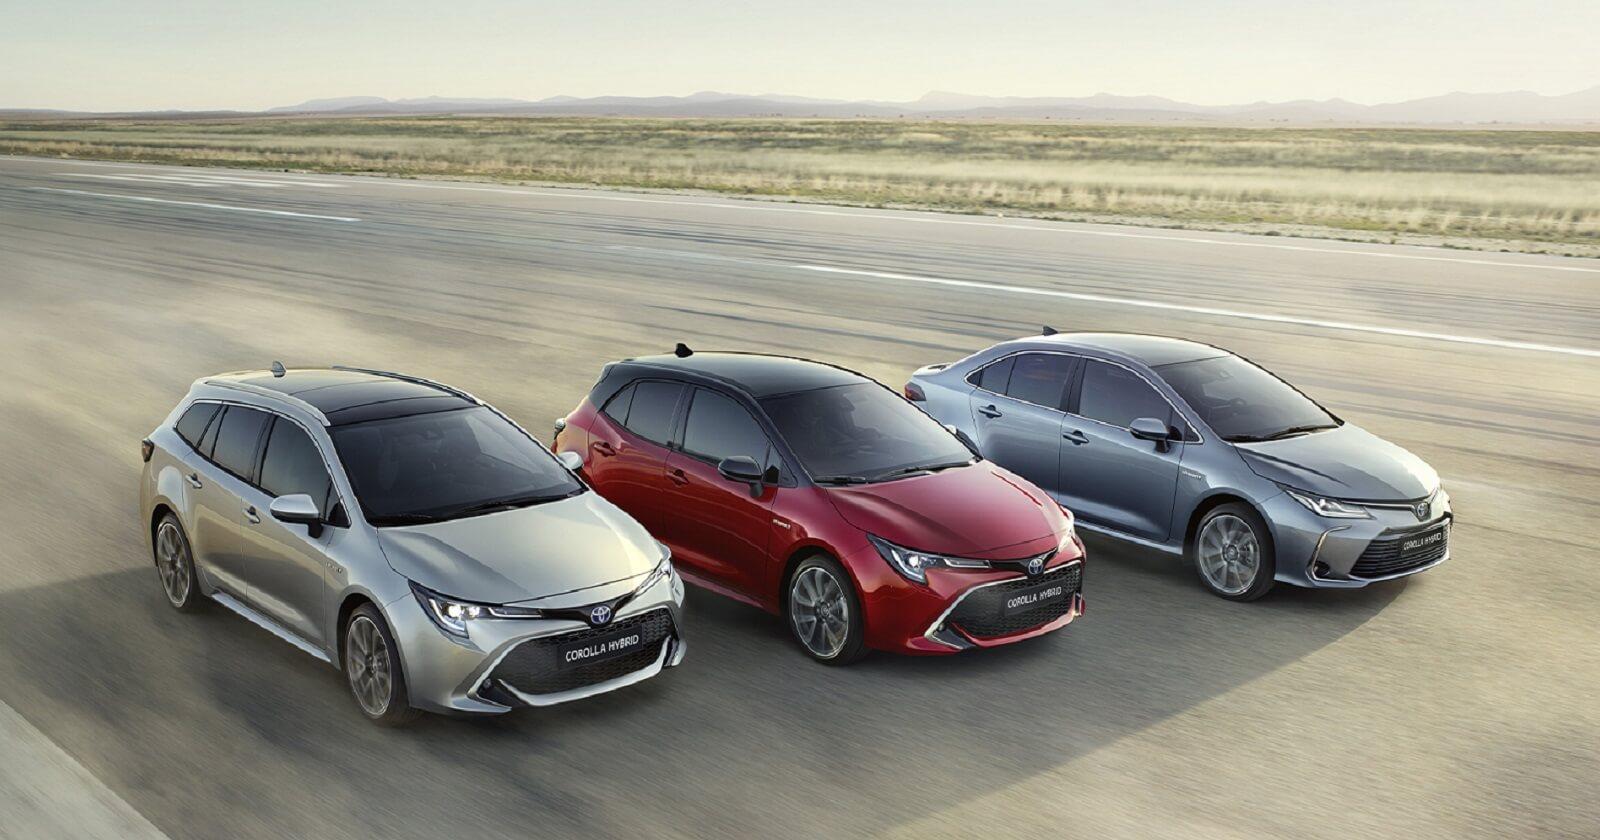 Toyota Hybrid ÖTV indirimli fiyat listesinde 170 bin TL'ye varan kaçılırlamayacak indirim